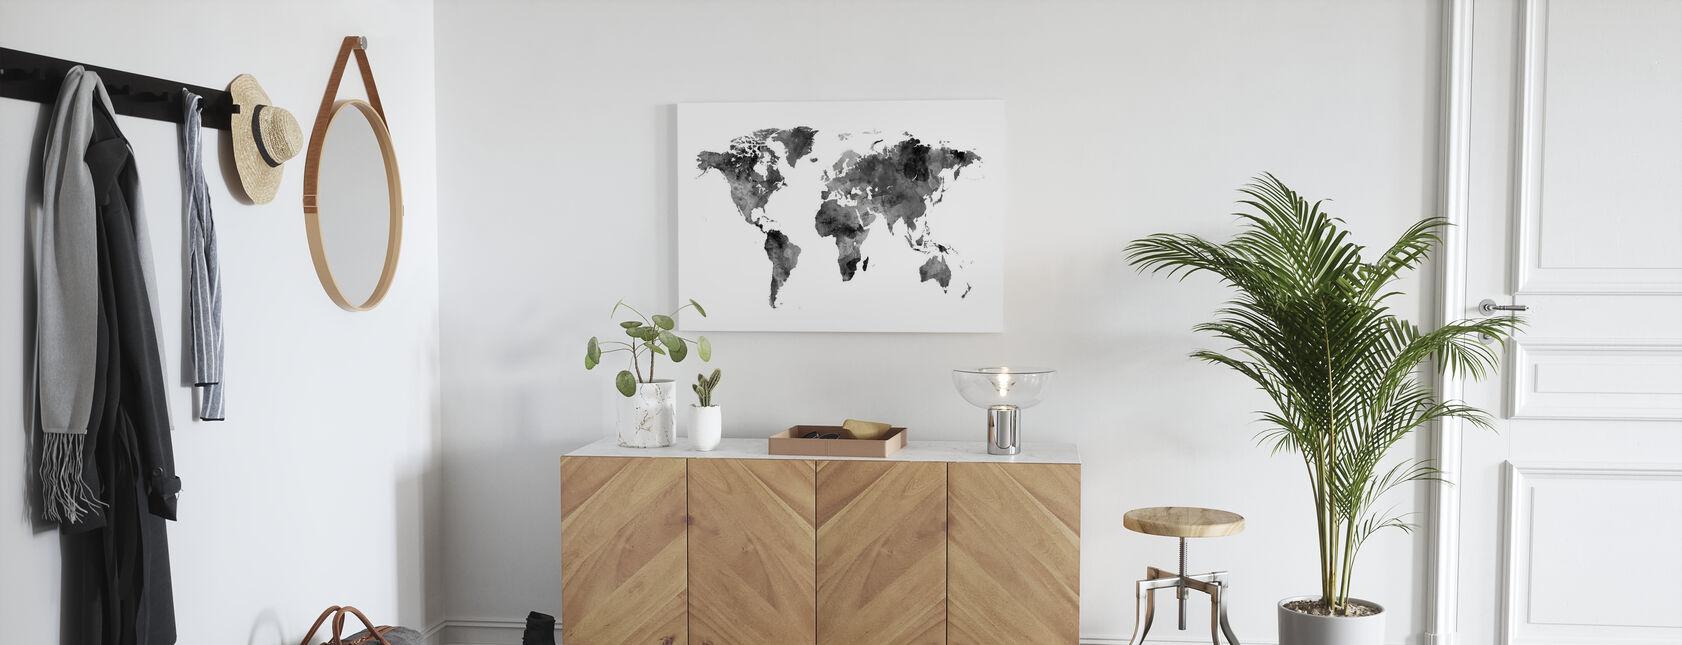 Vesiväri World Kartta Musta - Canvastaulu - Aula